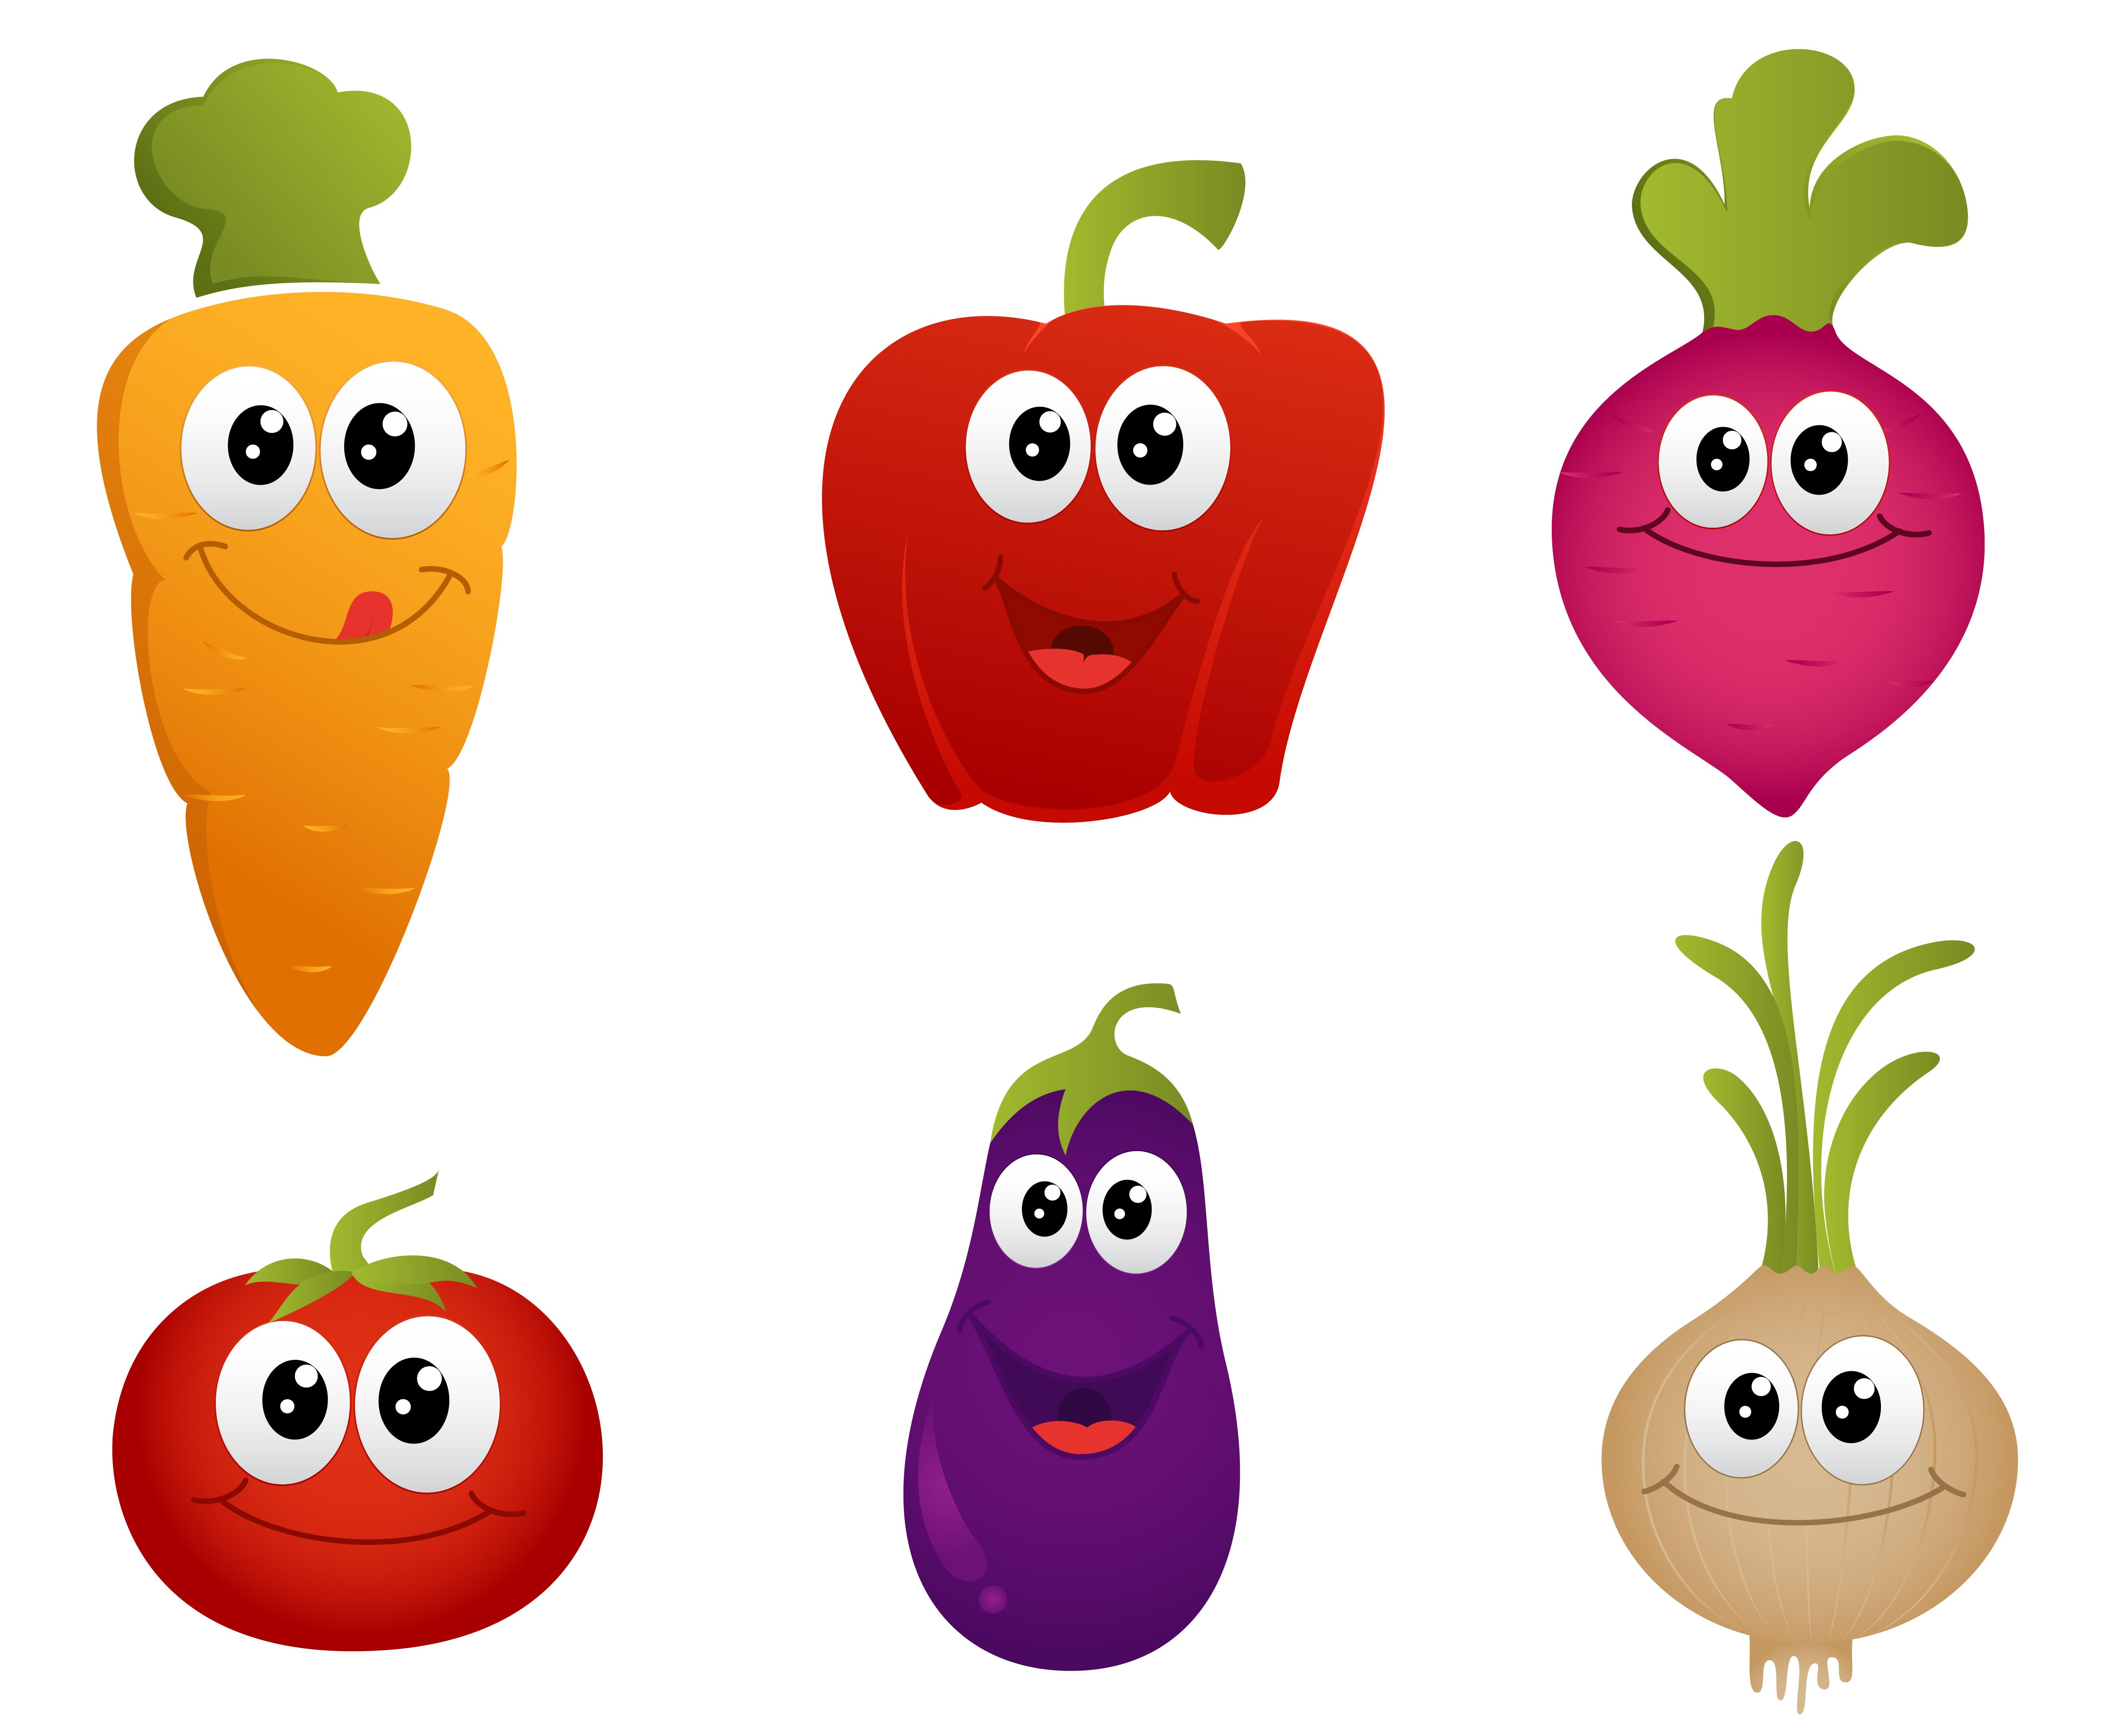 funny cartoon vegetable - Download Free Vectors, Clipart ...